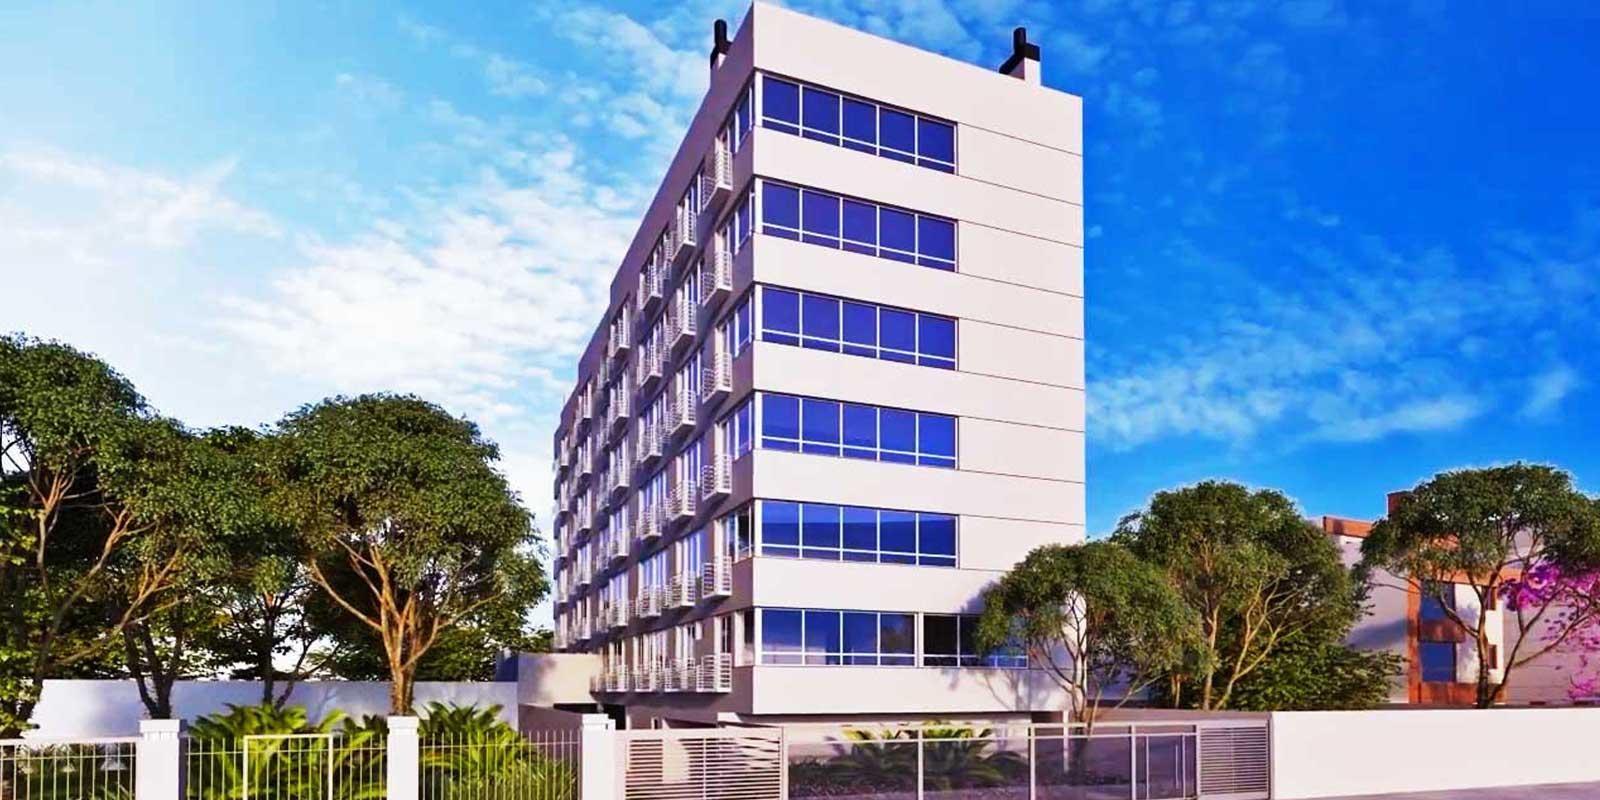 TPS Imóveis apresenta Apartamento Studio Perto PUC-RS! Excelente imóvel a venda em Porto Alegre